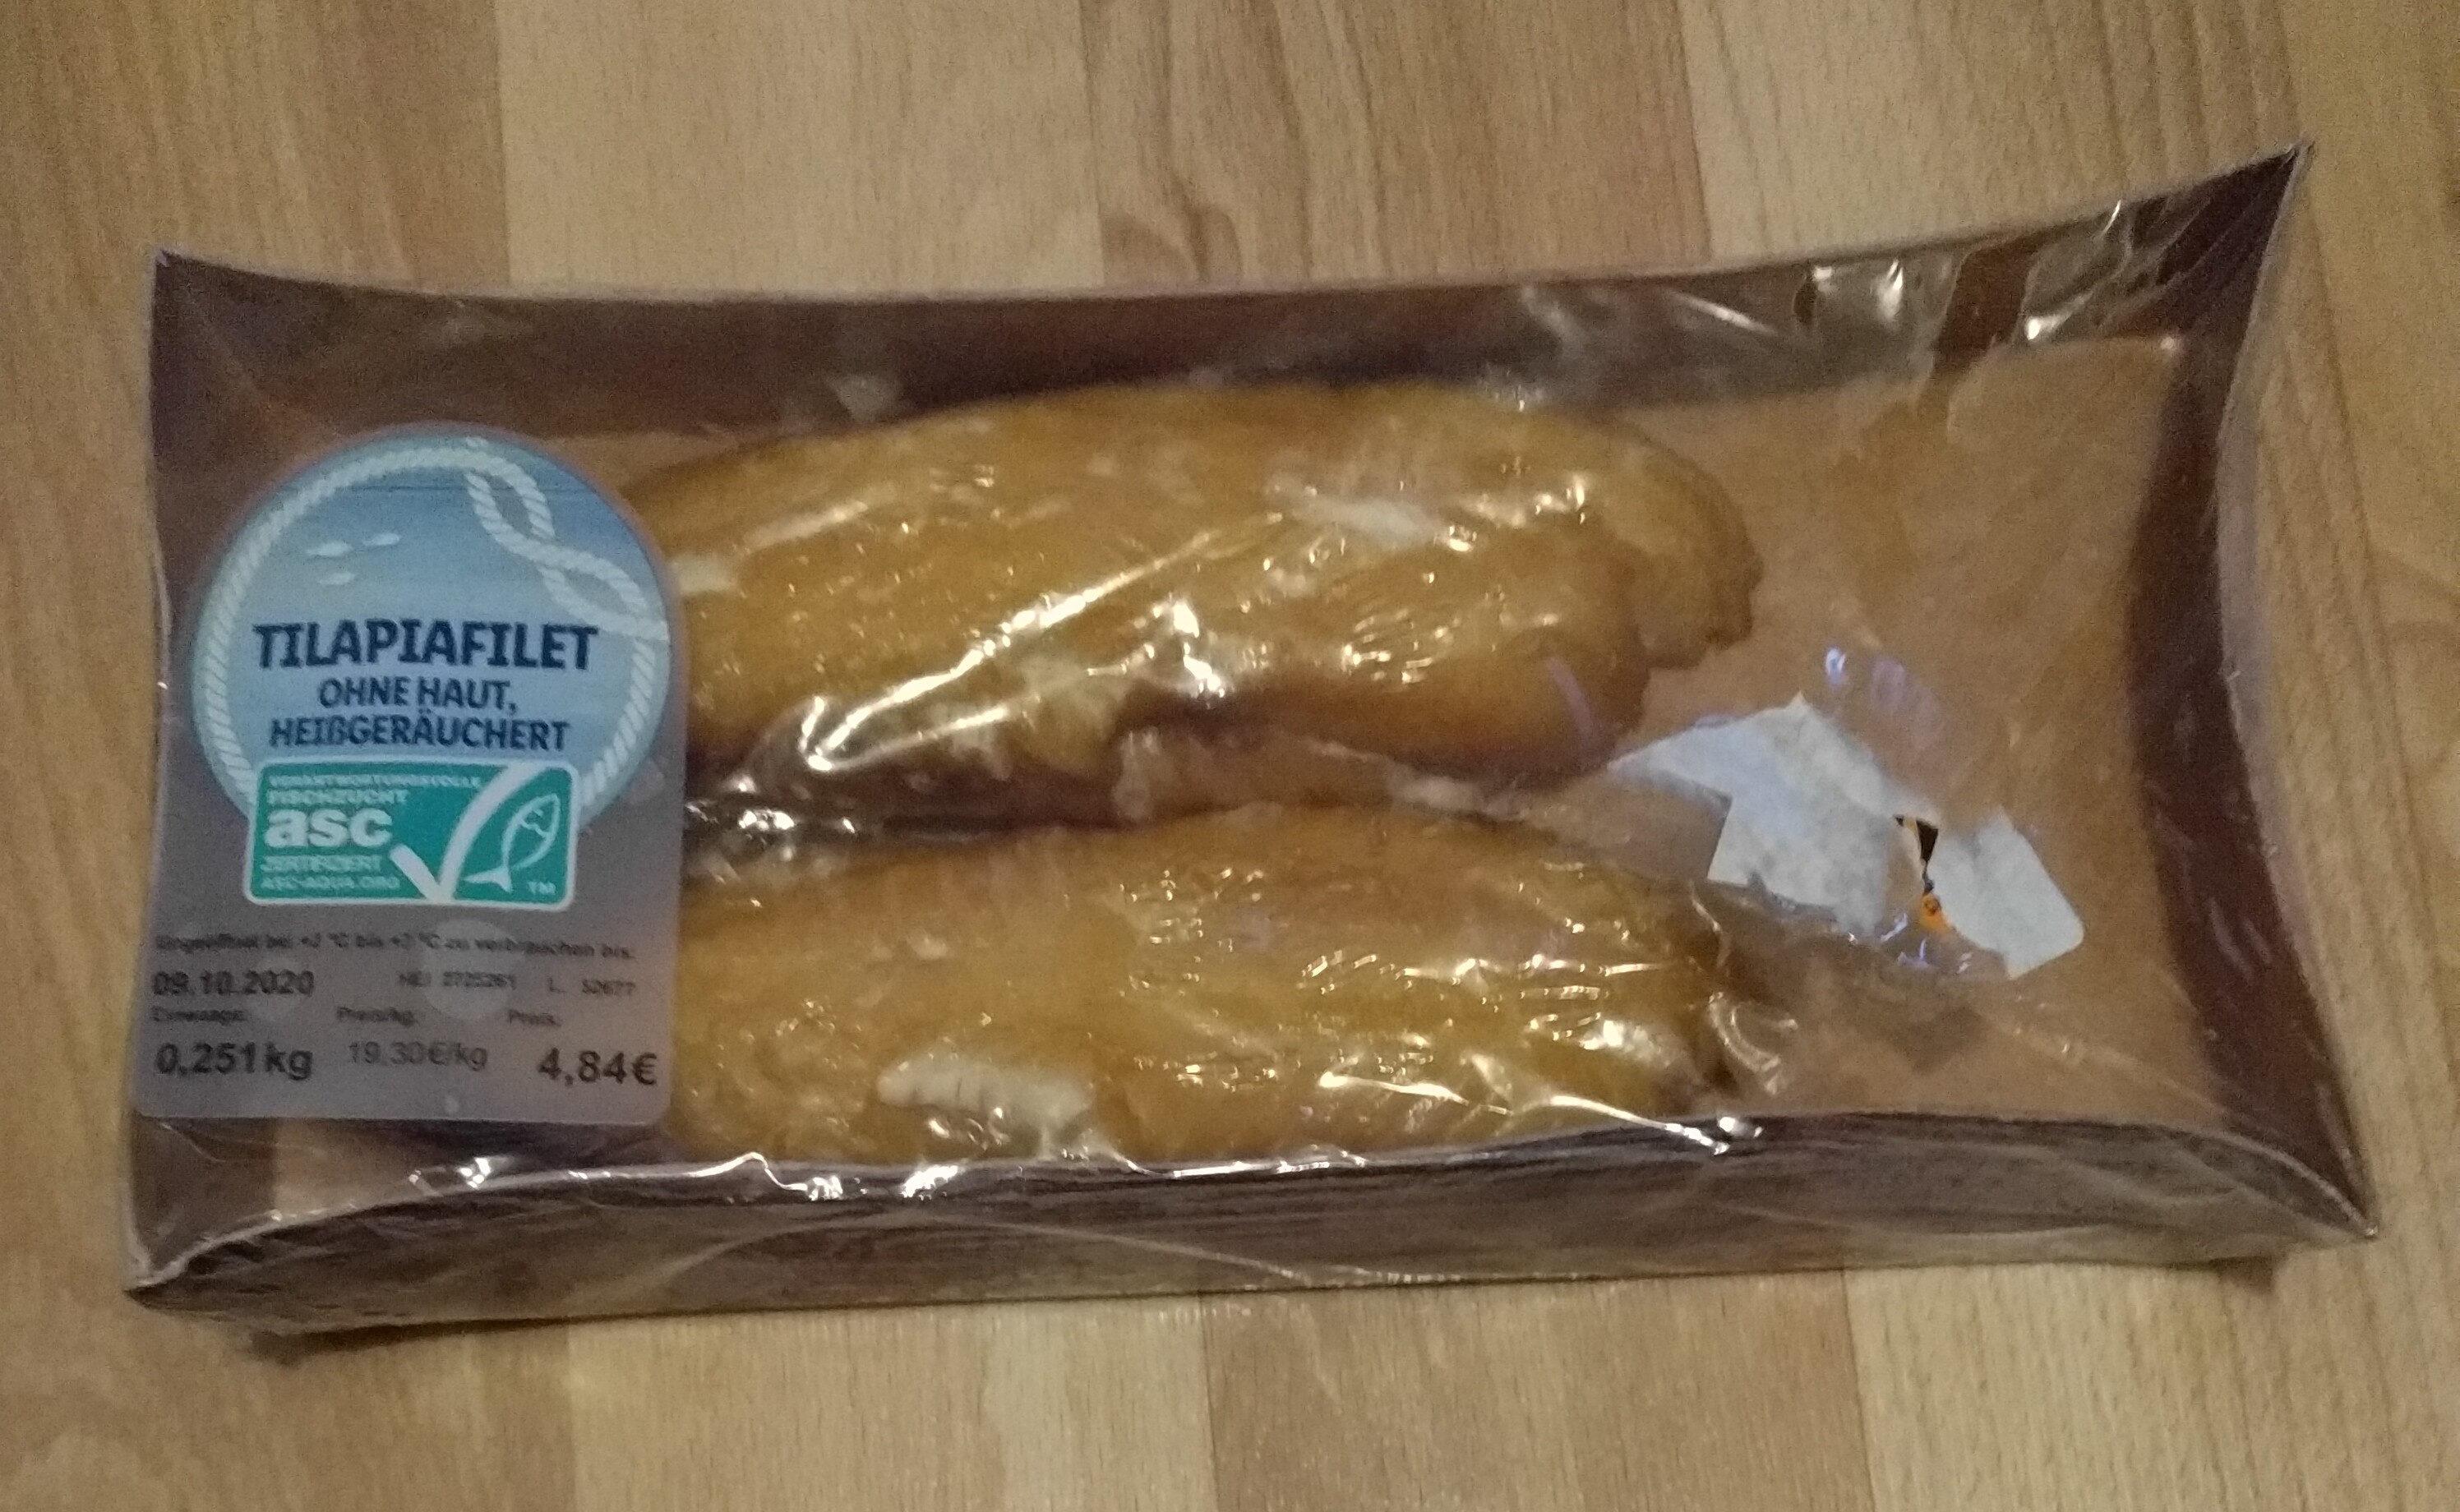 Tilapiafilet ohne Haut, heissgeräuchet - Product - de